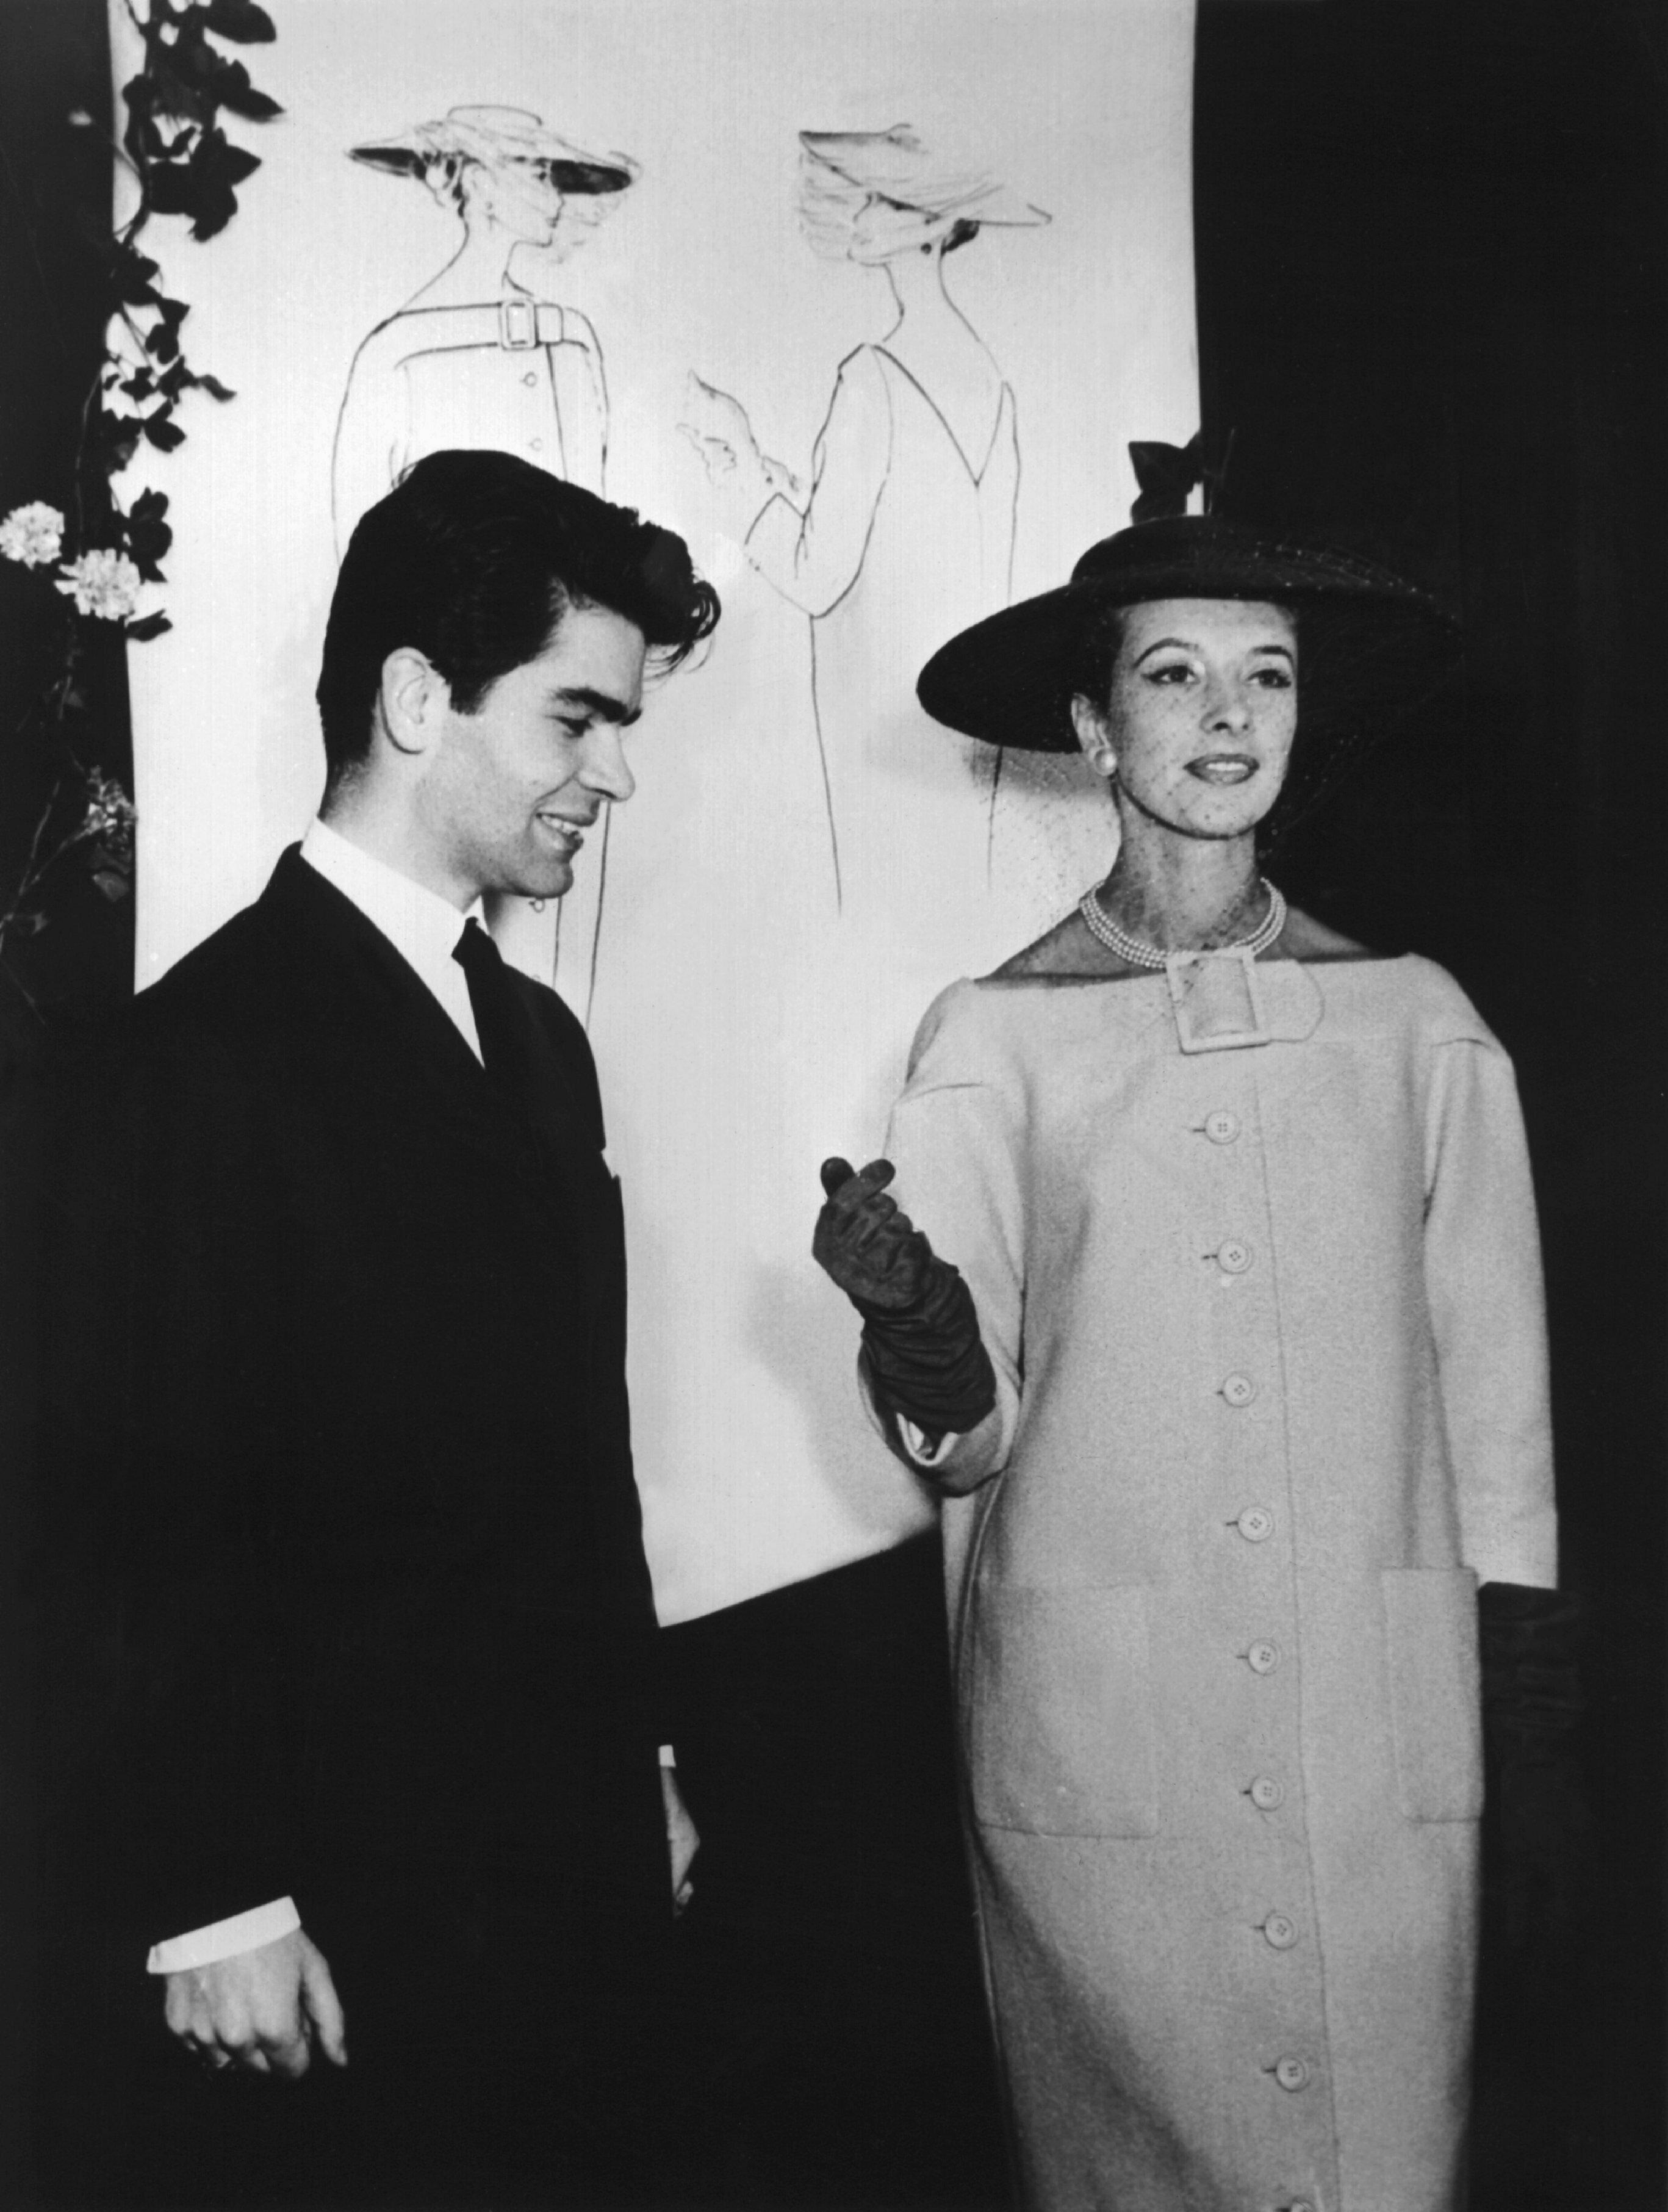 Lagerfeld junto a una modelo en un evento celebrado el 30 de noviembre de 1953. (AP)